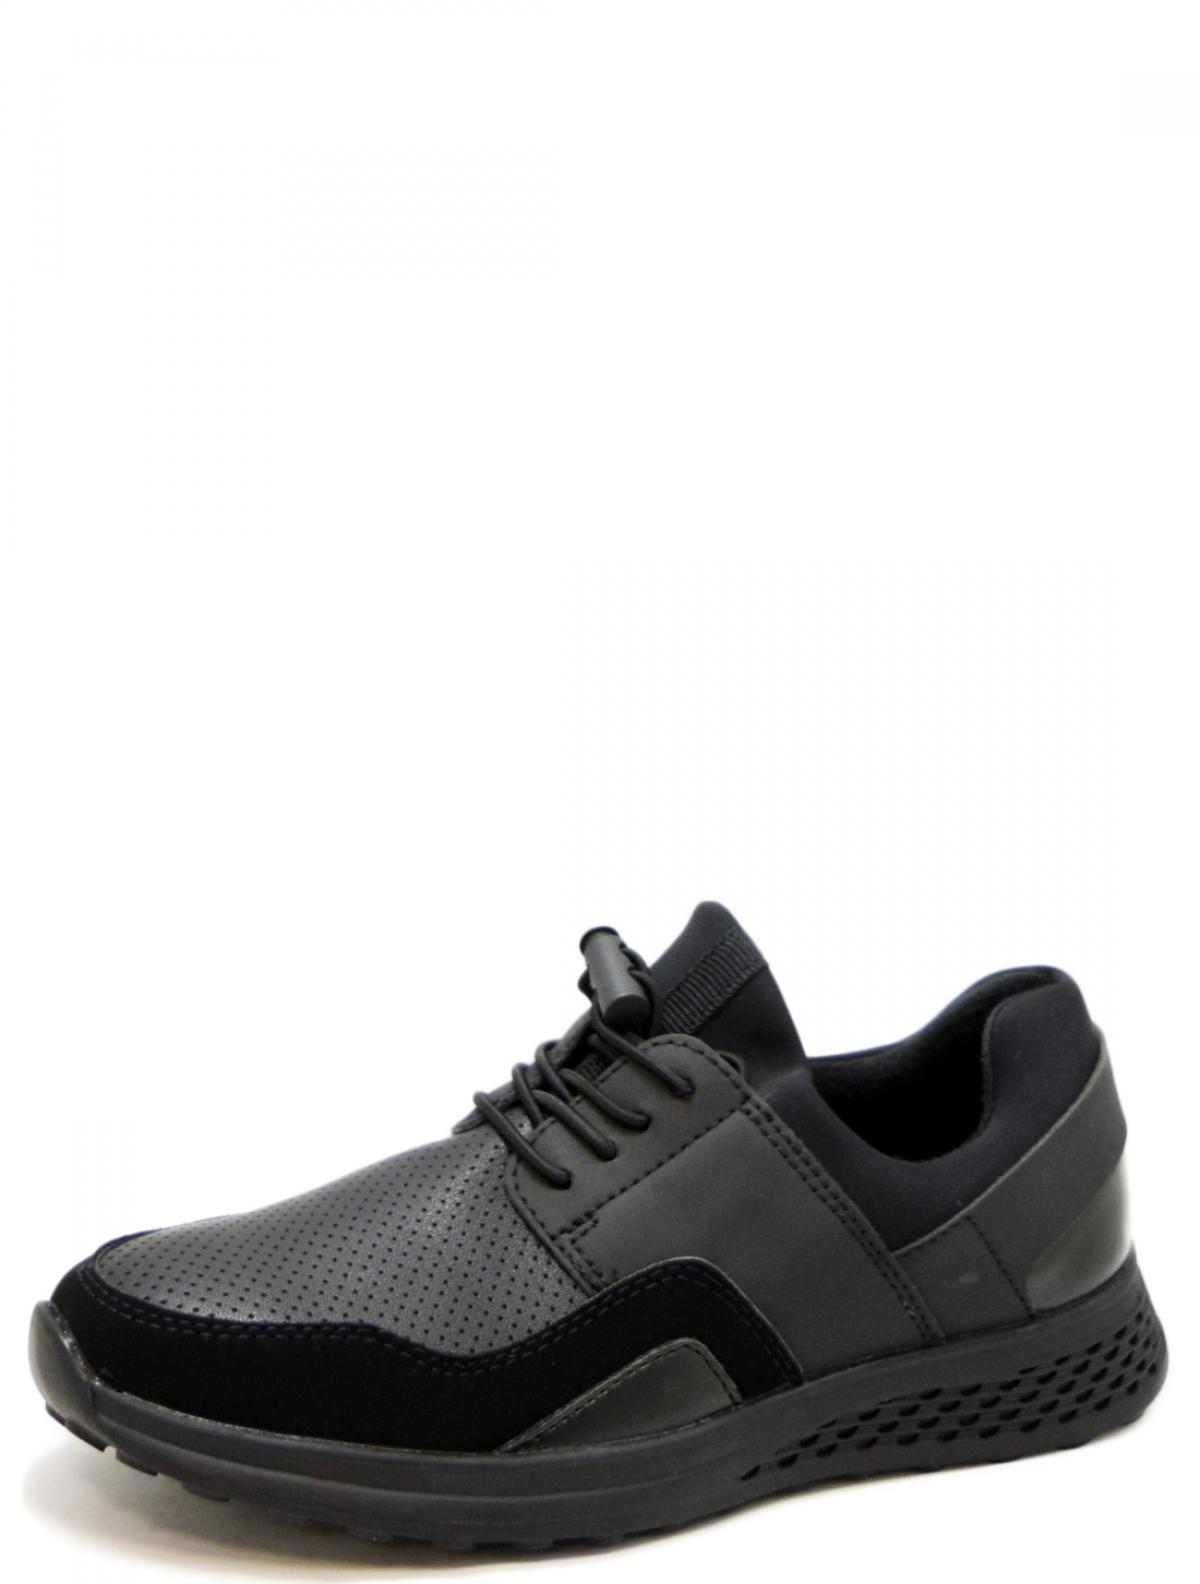 Ulet TD269-8 детские туфли